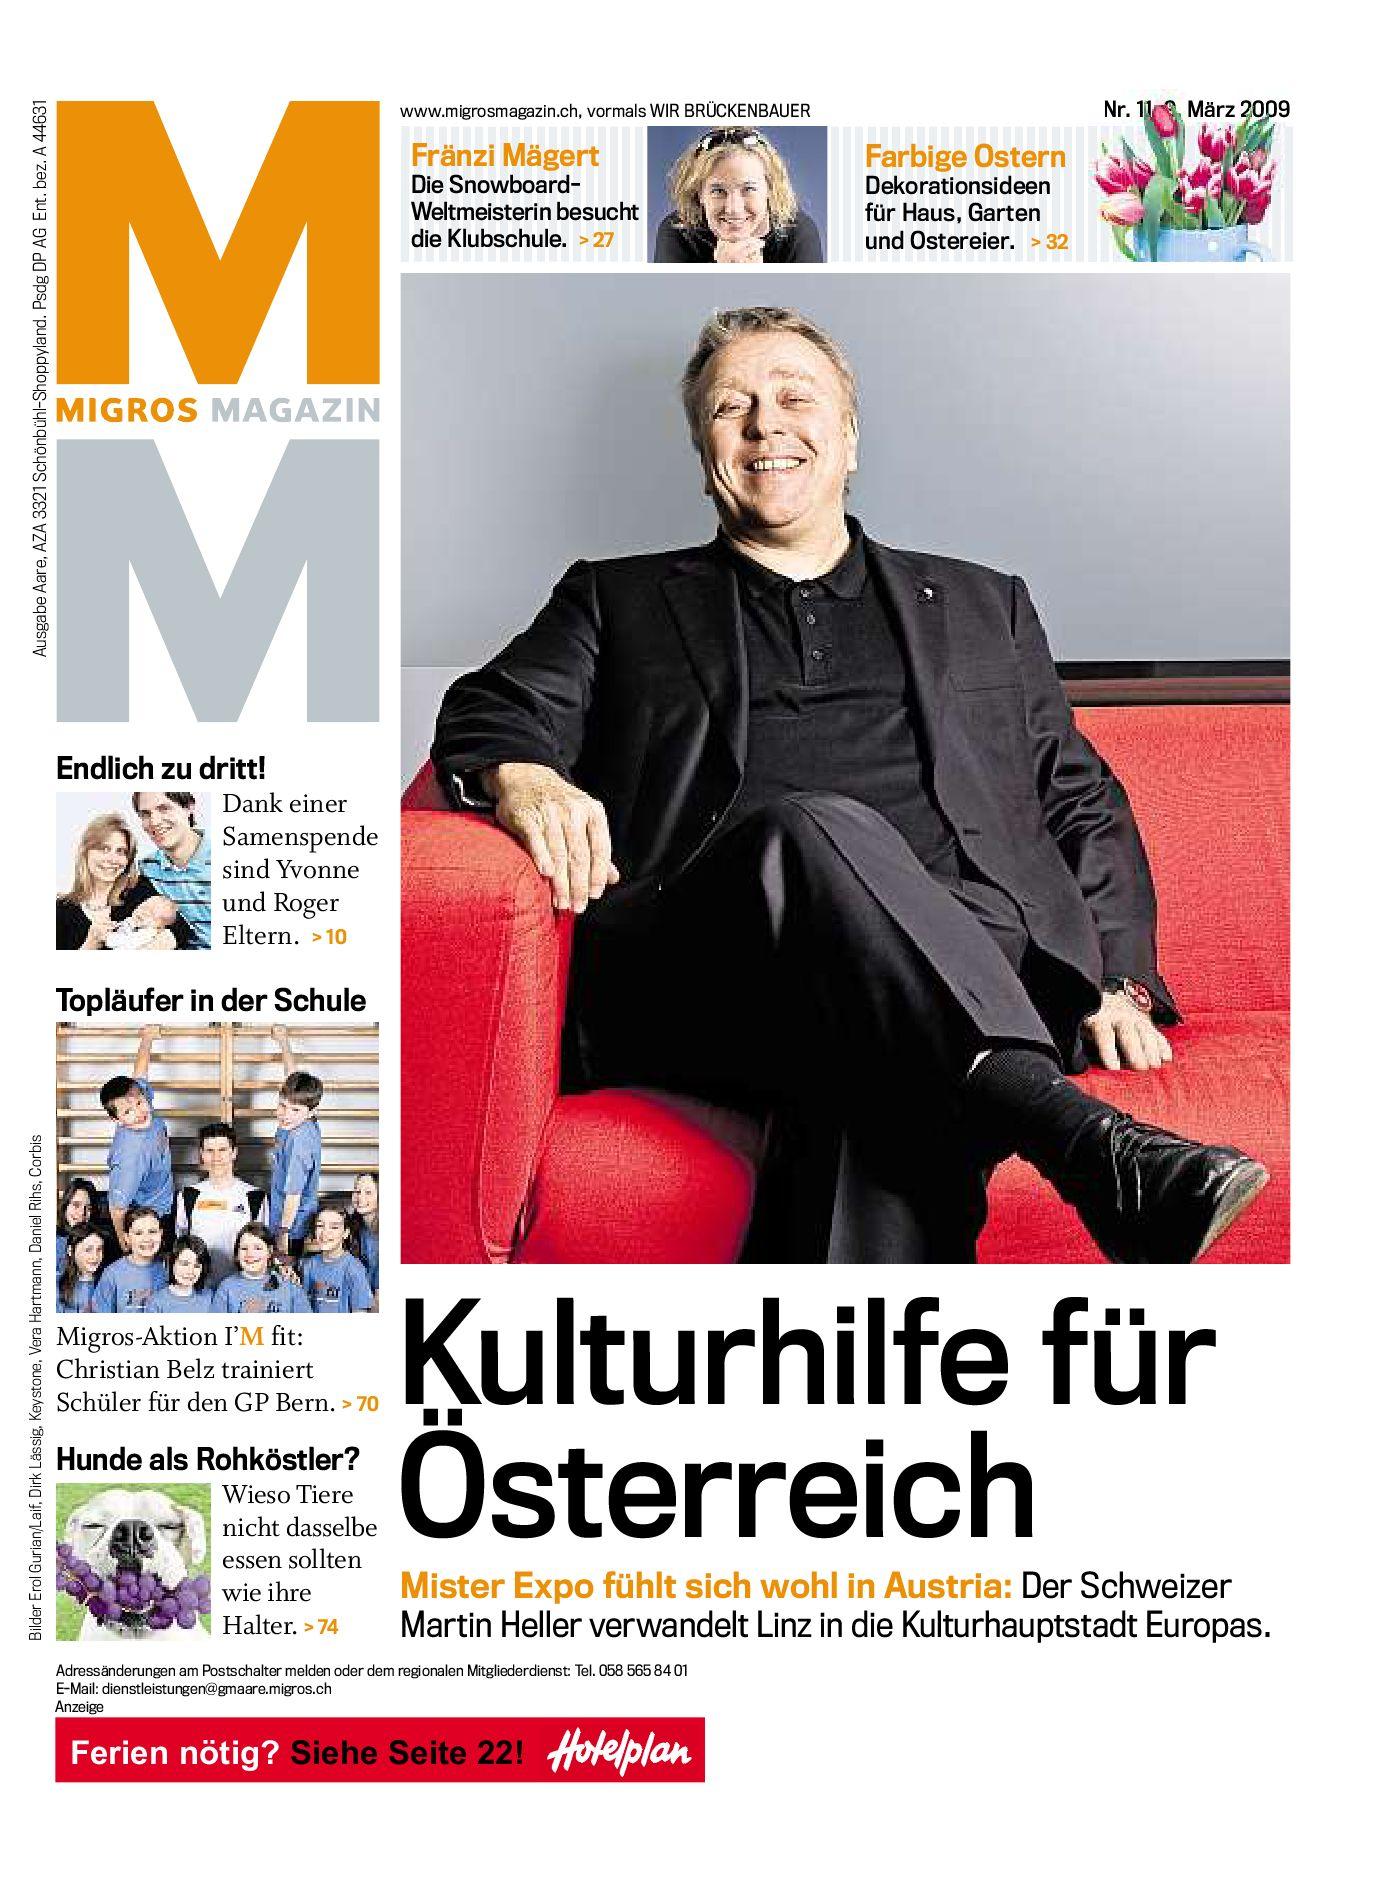 Migros Magazin 11 2009 d LU by Migros Genossenschafts Bund issuu